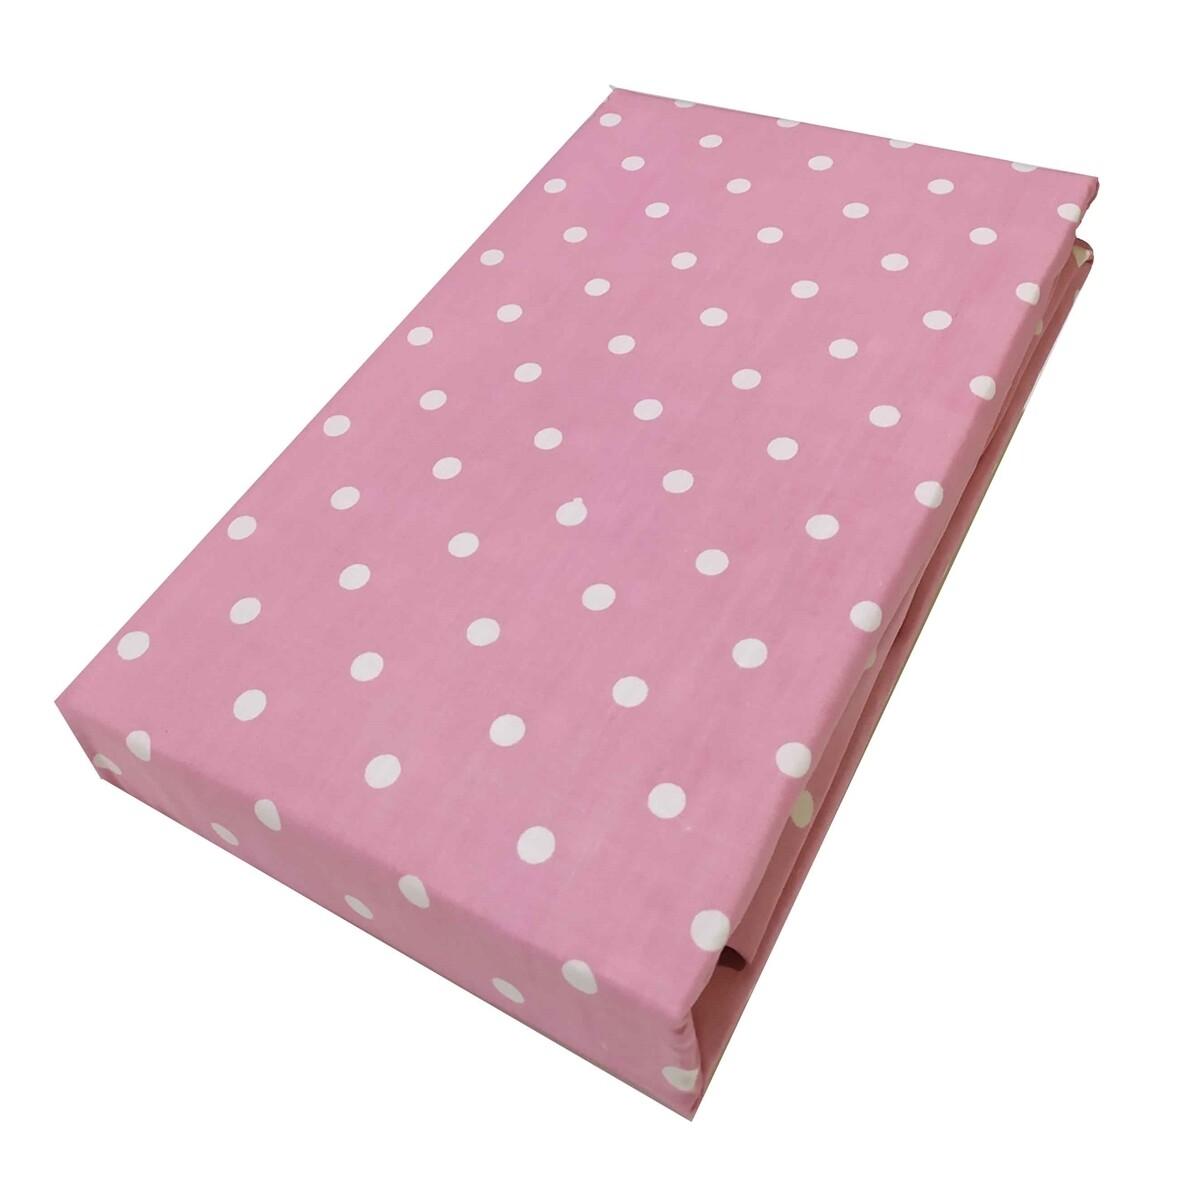 Μαξιλαροθήκες Ζευγάρι Dots Light Pink - Komvos